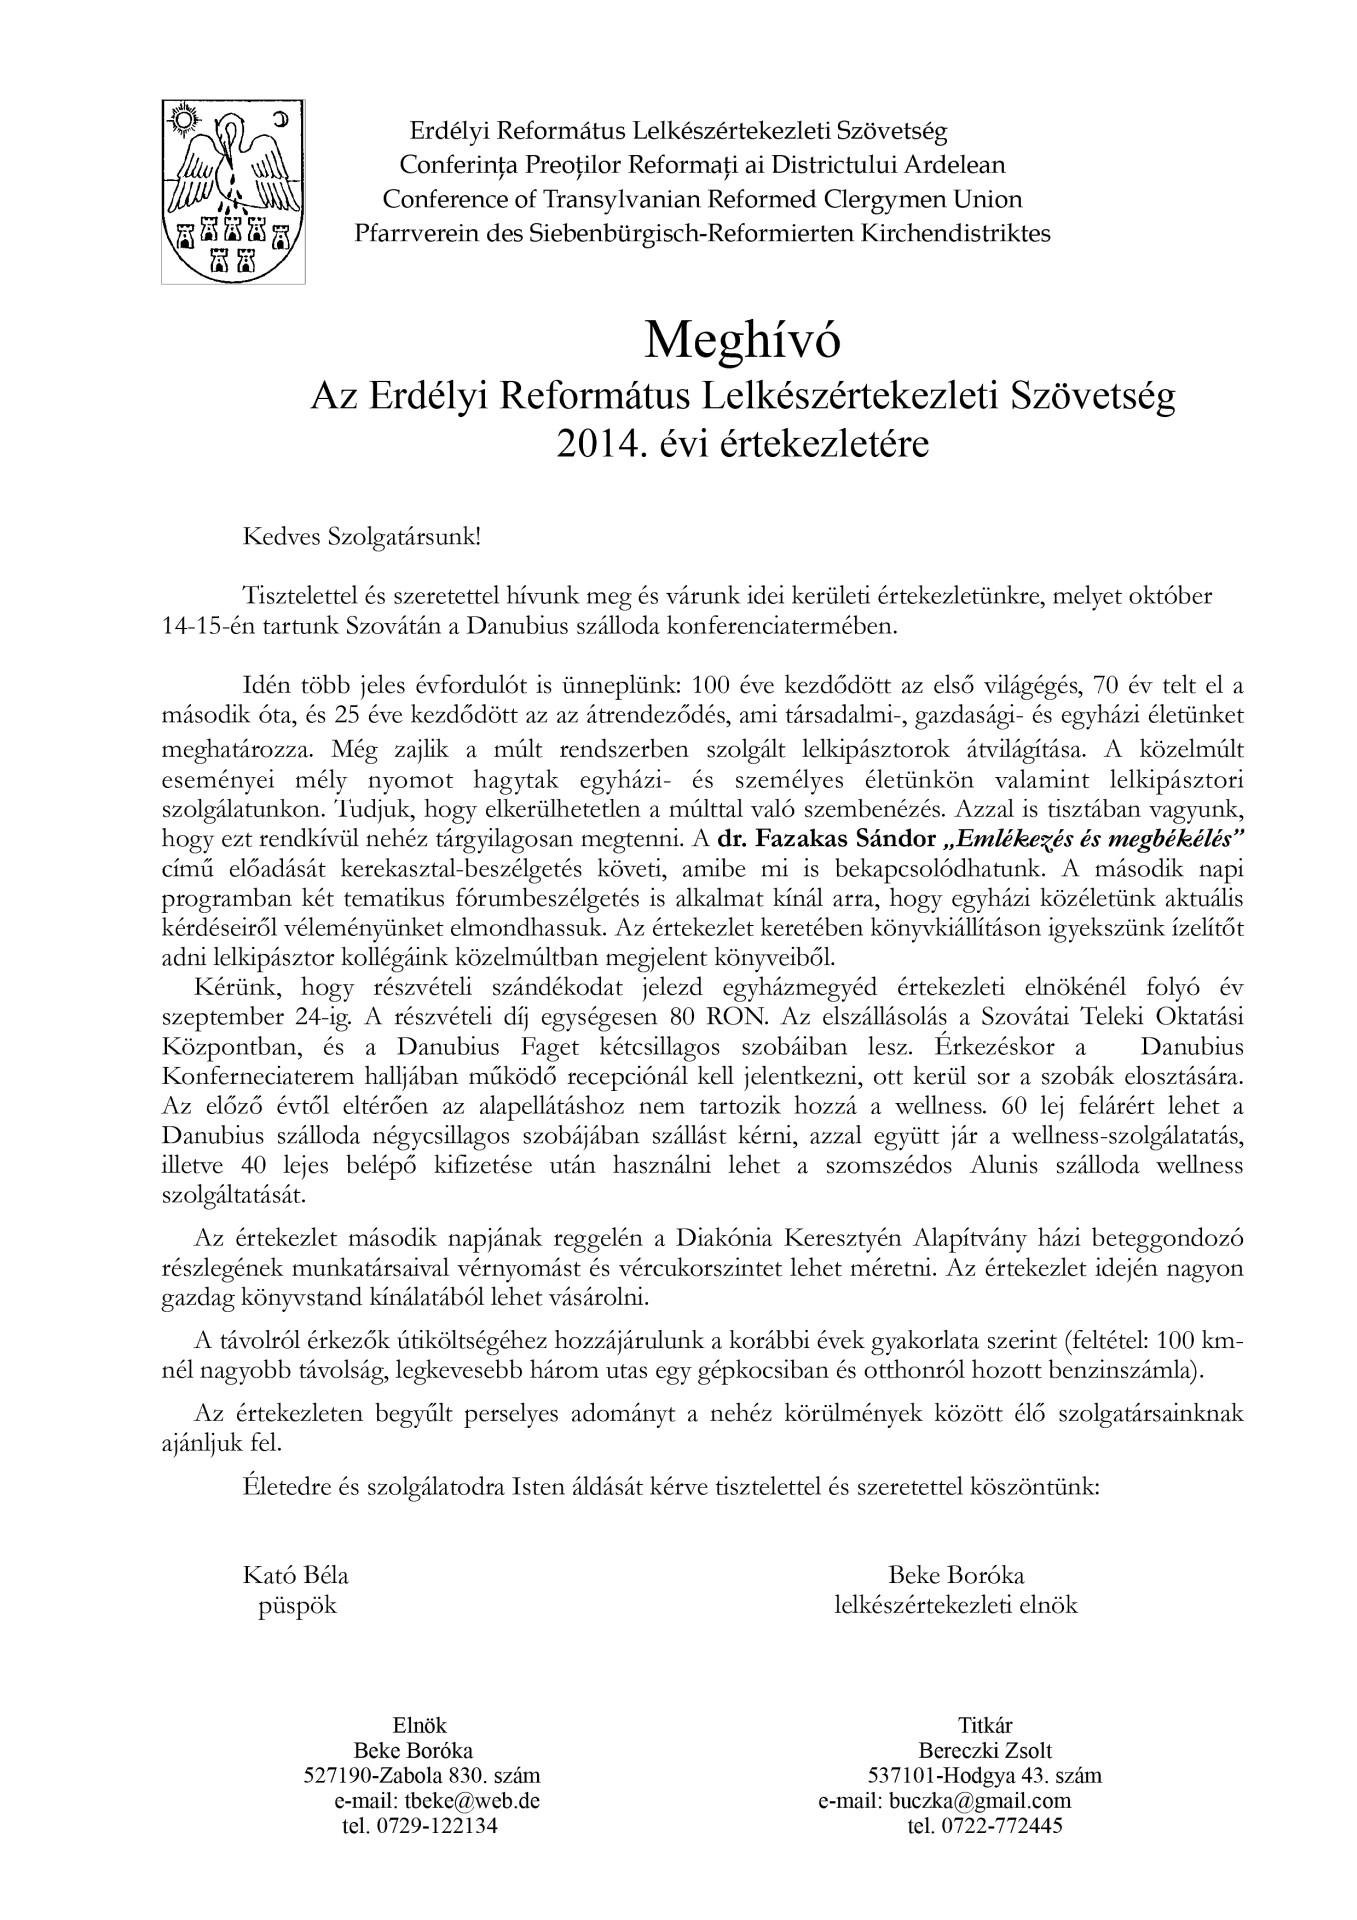 Meghívó - az Erdélyi Református Lelkészértekezleti Szövetség 2014. évi értekezletére